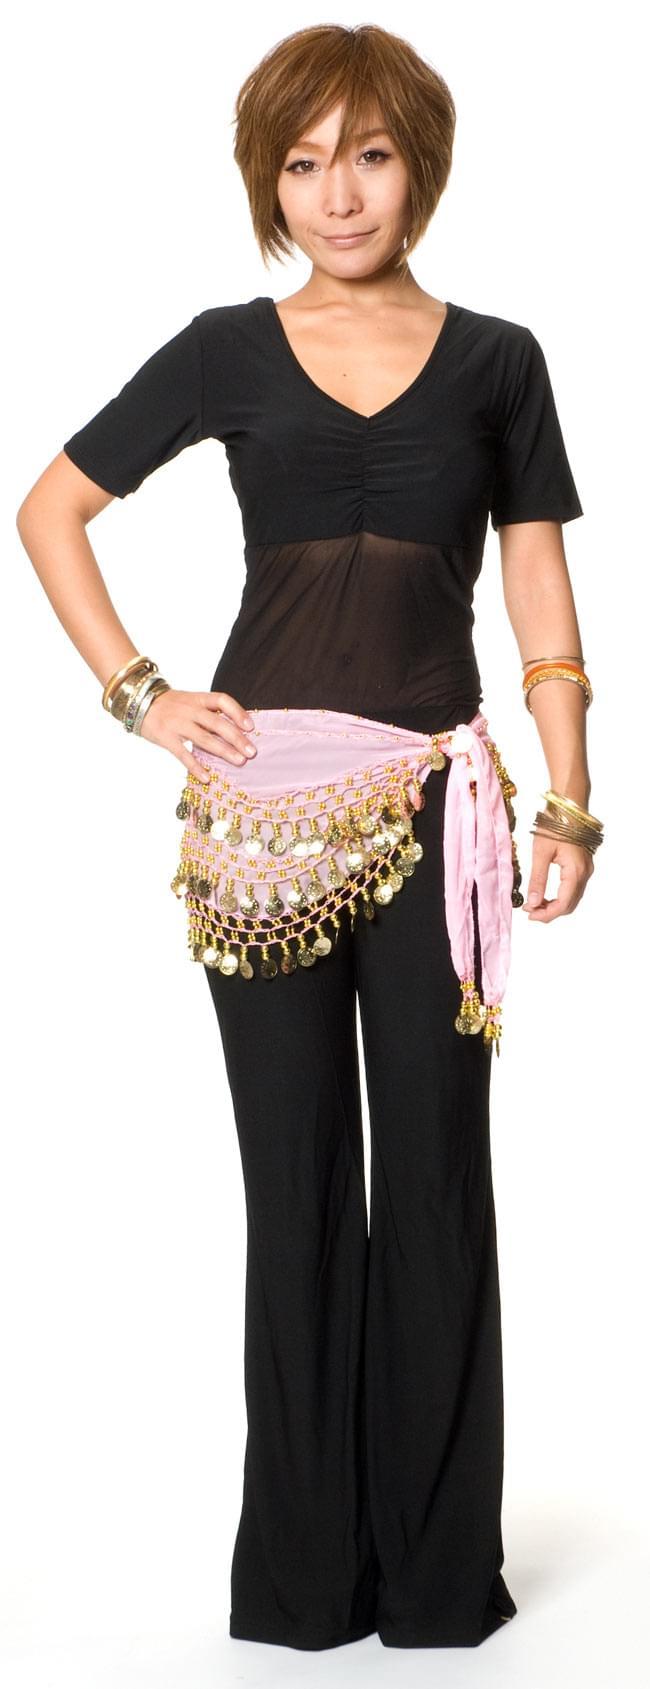 ベリーダンス ヒップスカーフ 150コイン - 淡いピンク 4 - 同じデザインの色違いをモデルさんが着用した写真です